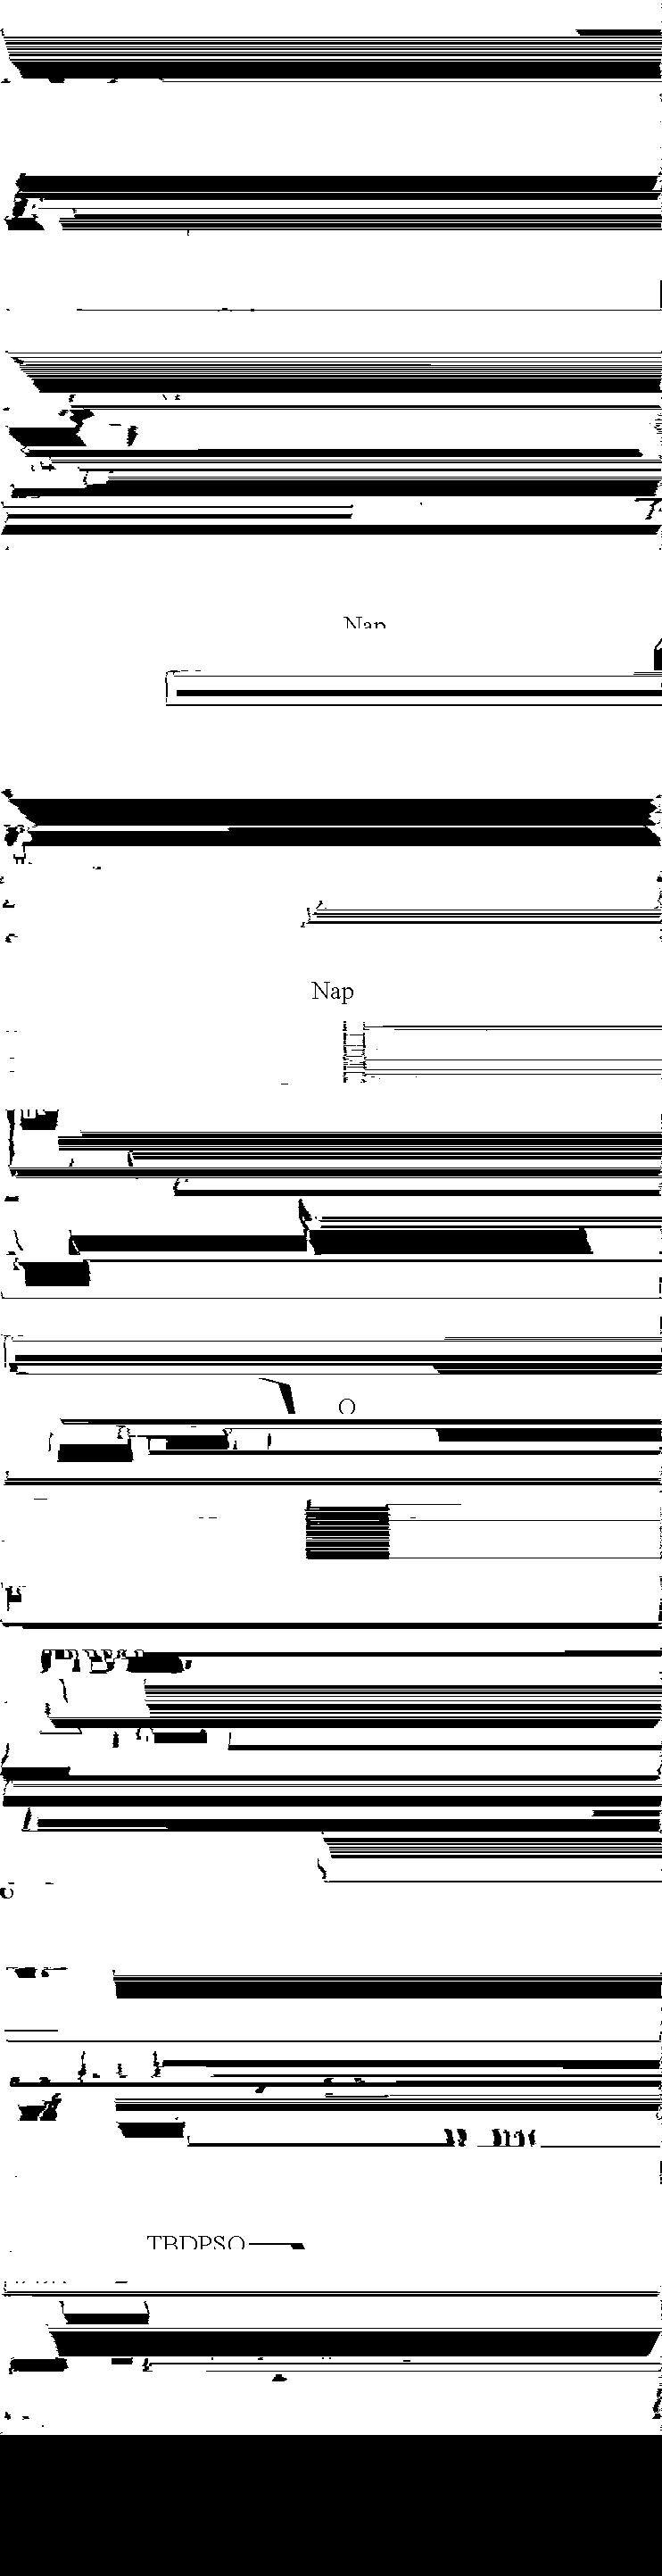 Figure US08278283-20121002-C00015